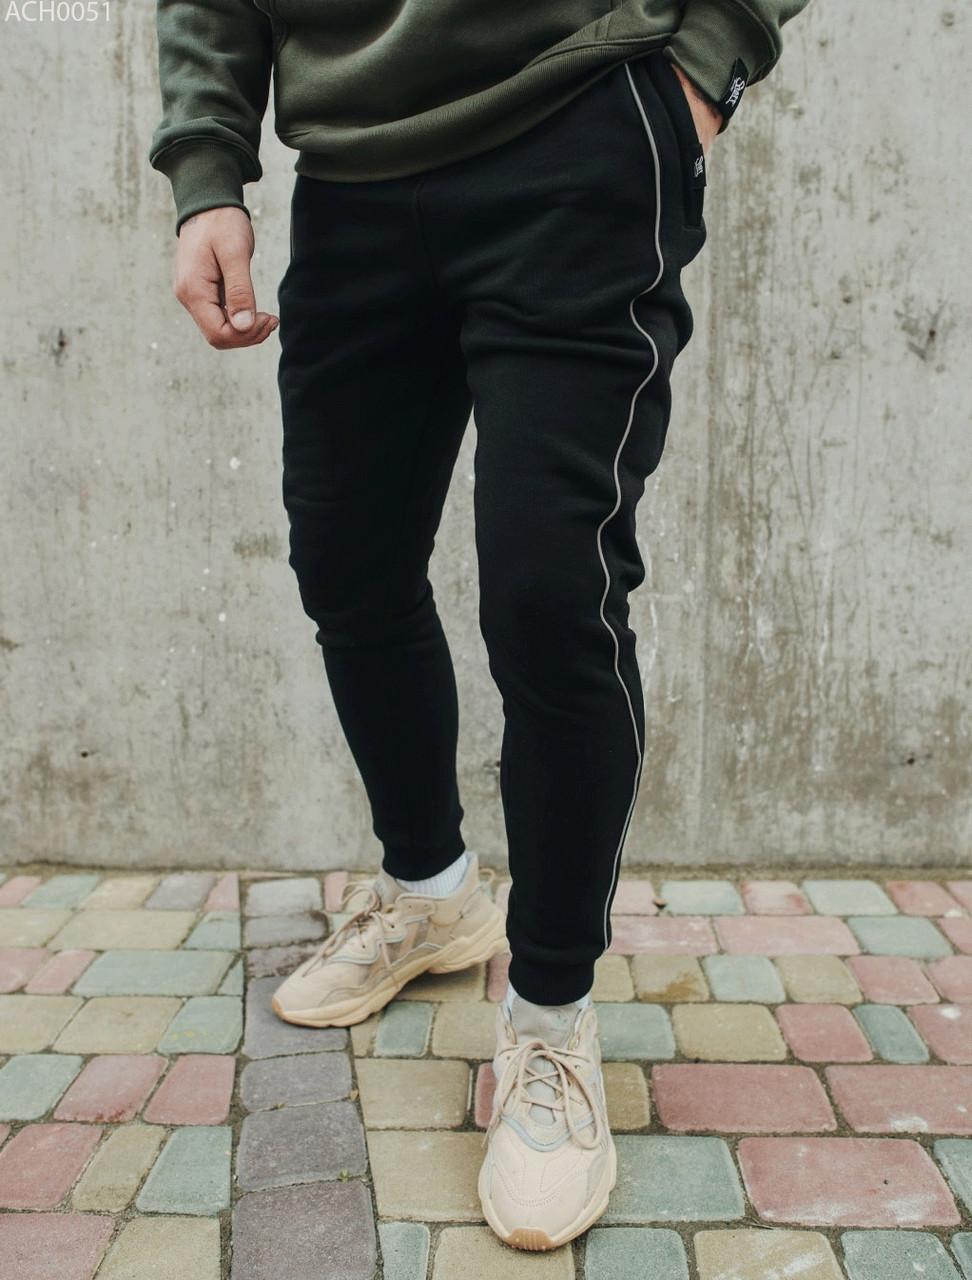 Спортивные штаны Staff black kant fleece